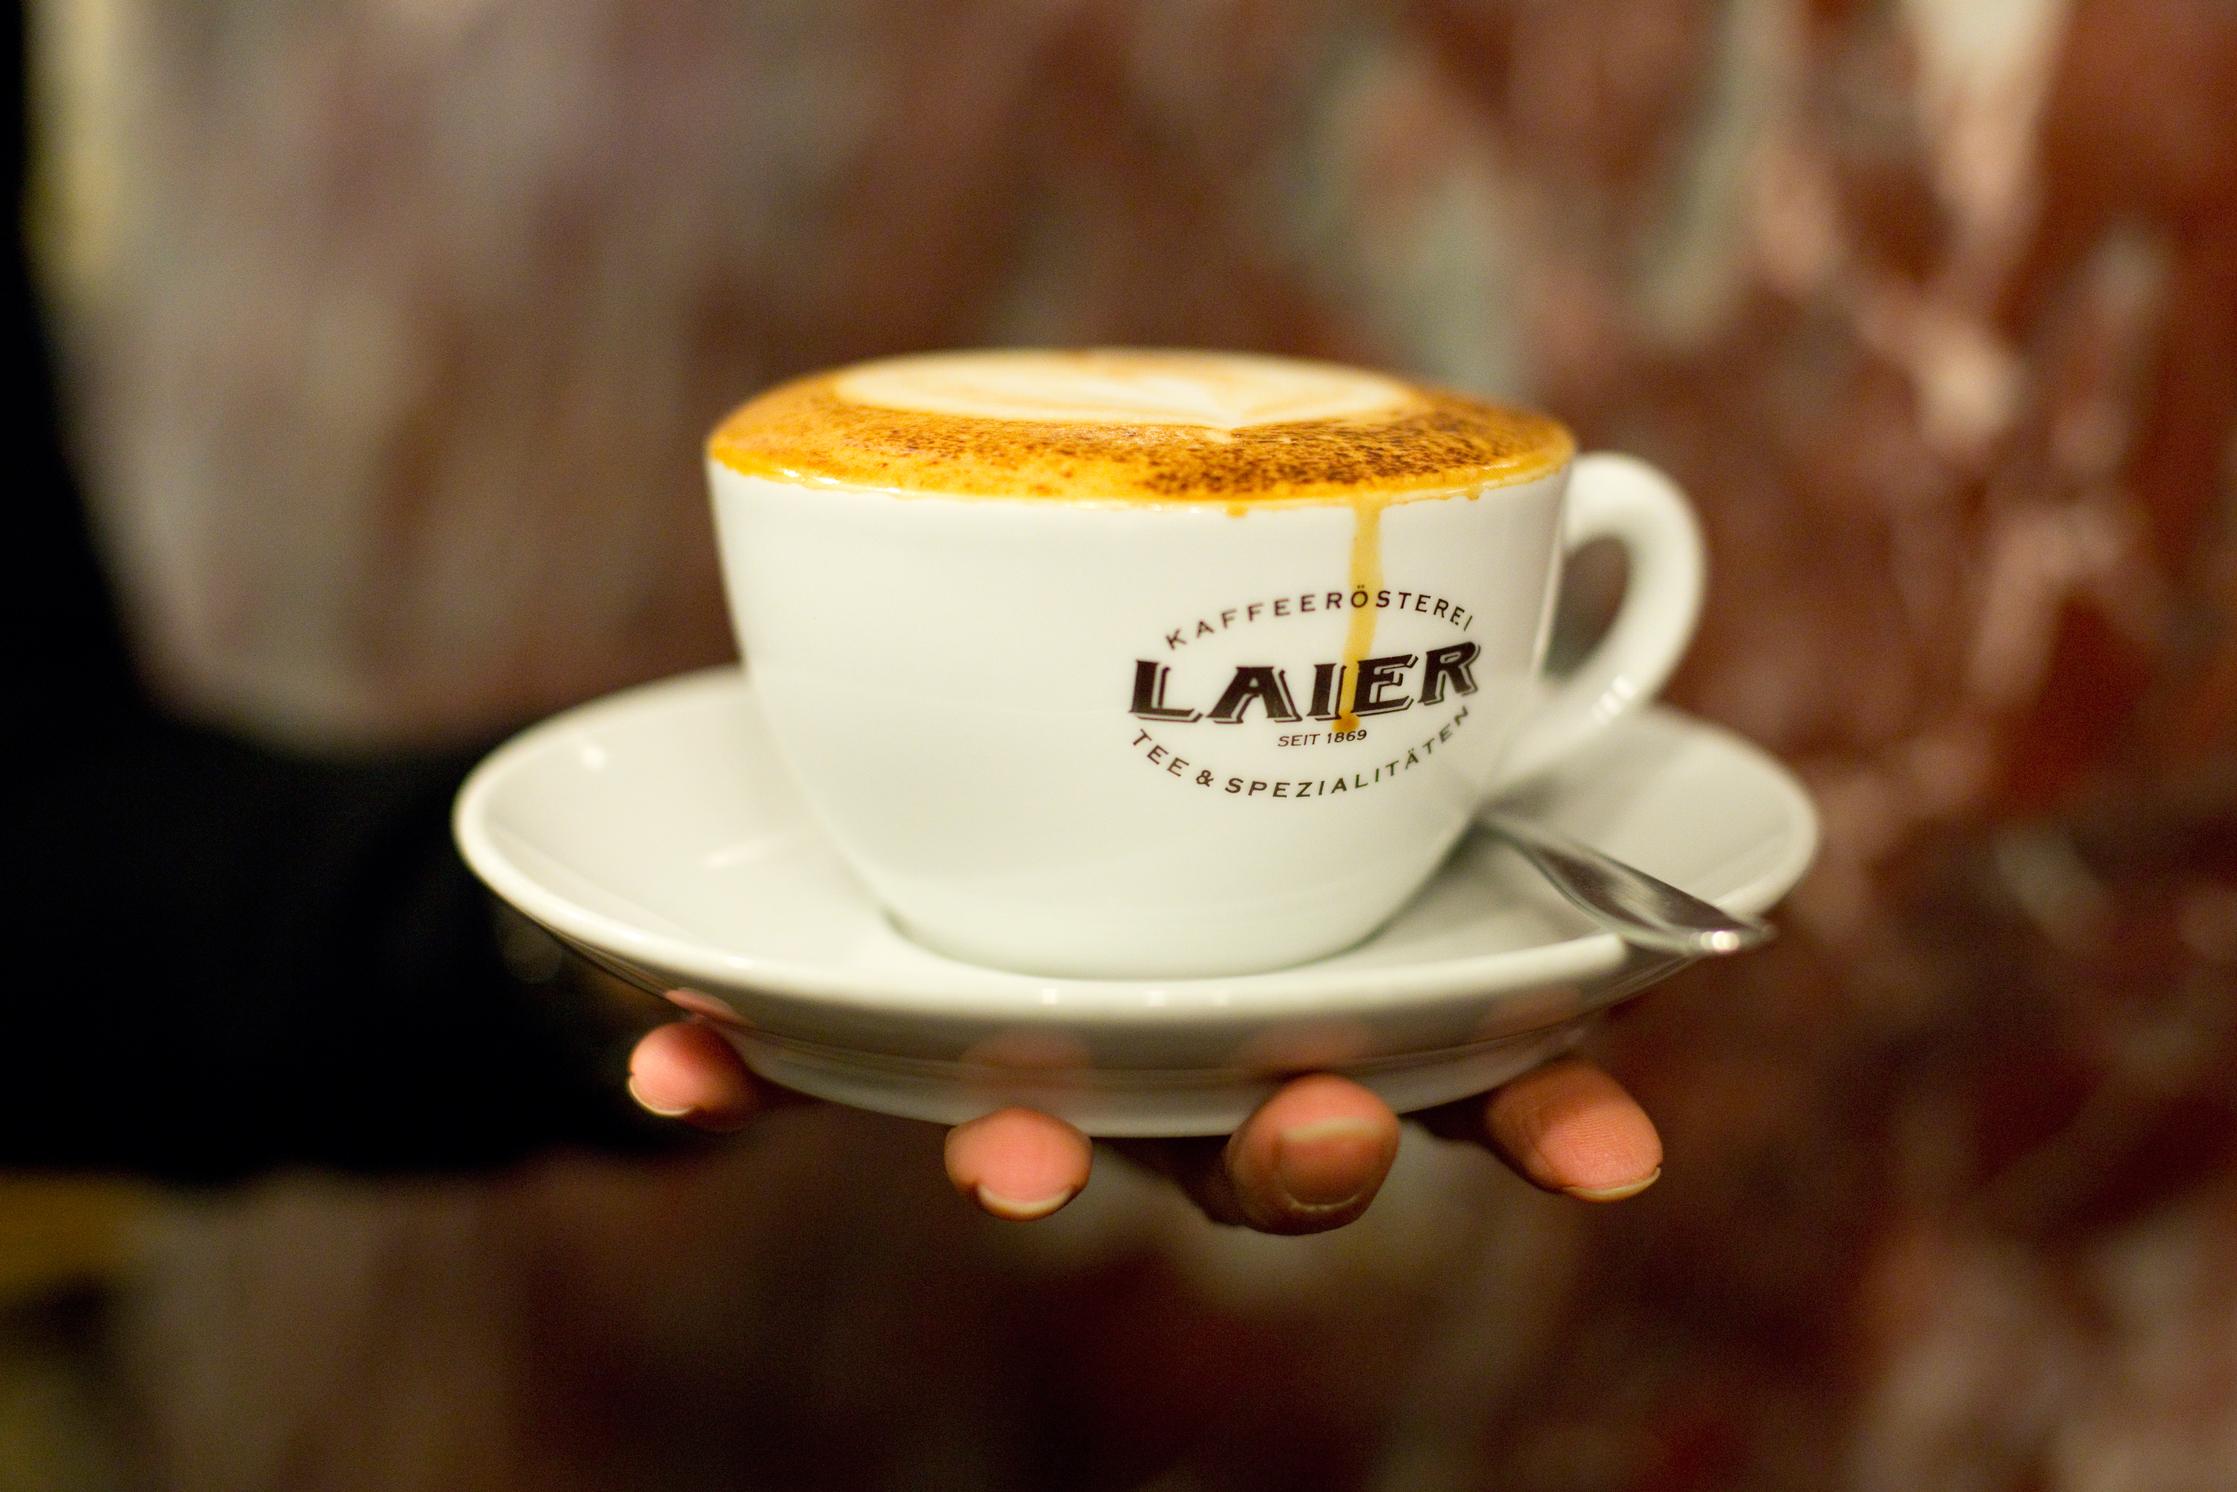 LG_Kaffeeroesterei_Laier_LD_15.jpg